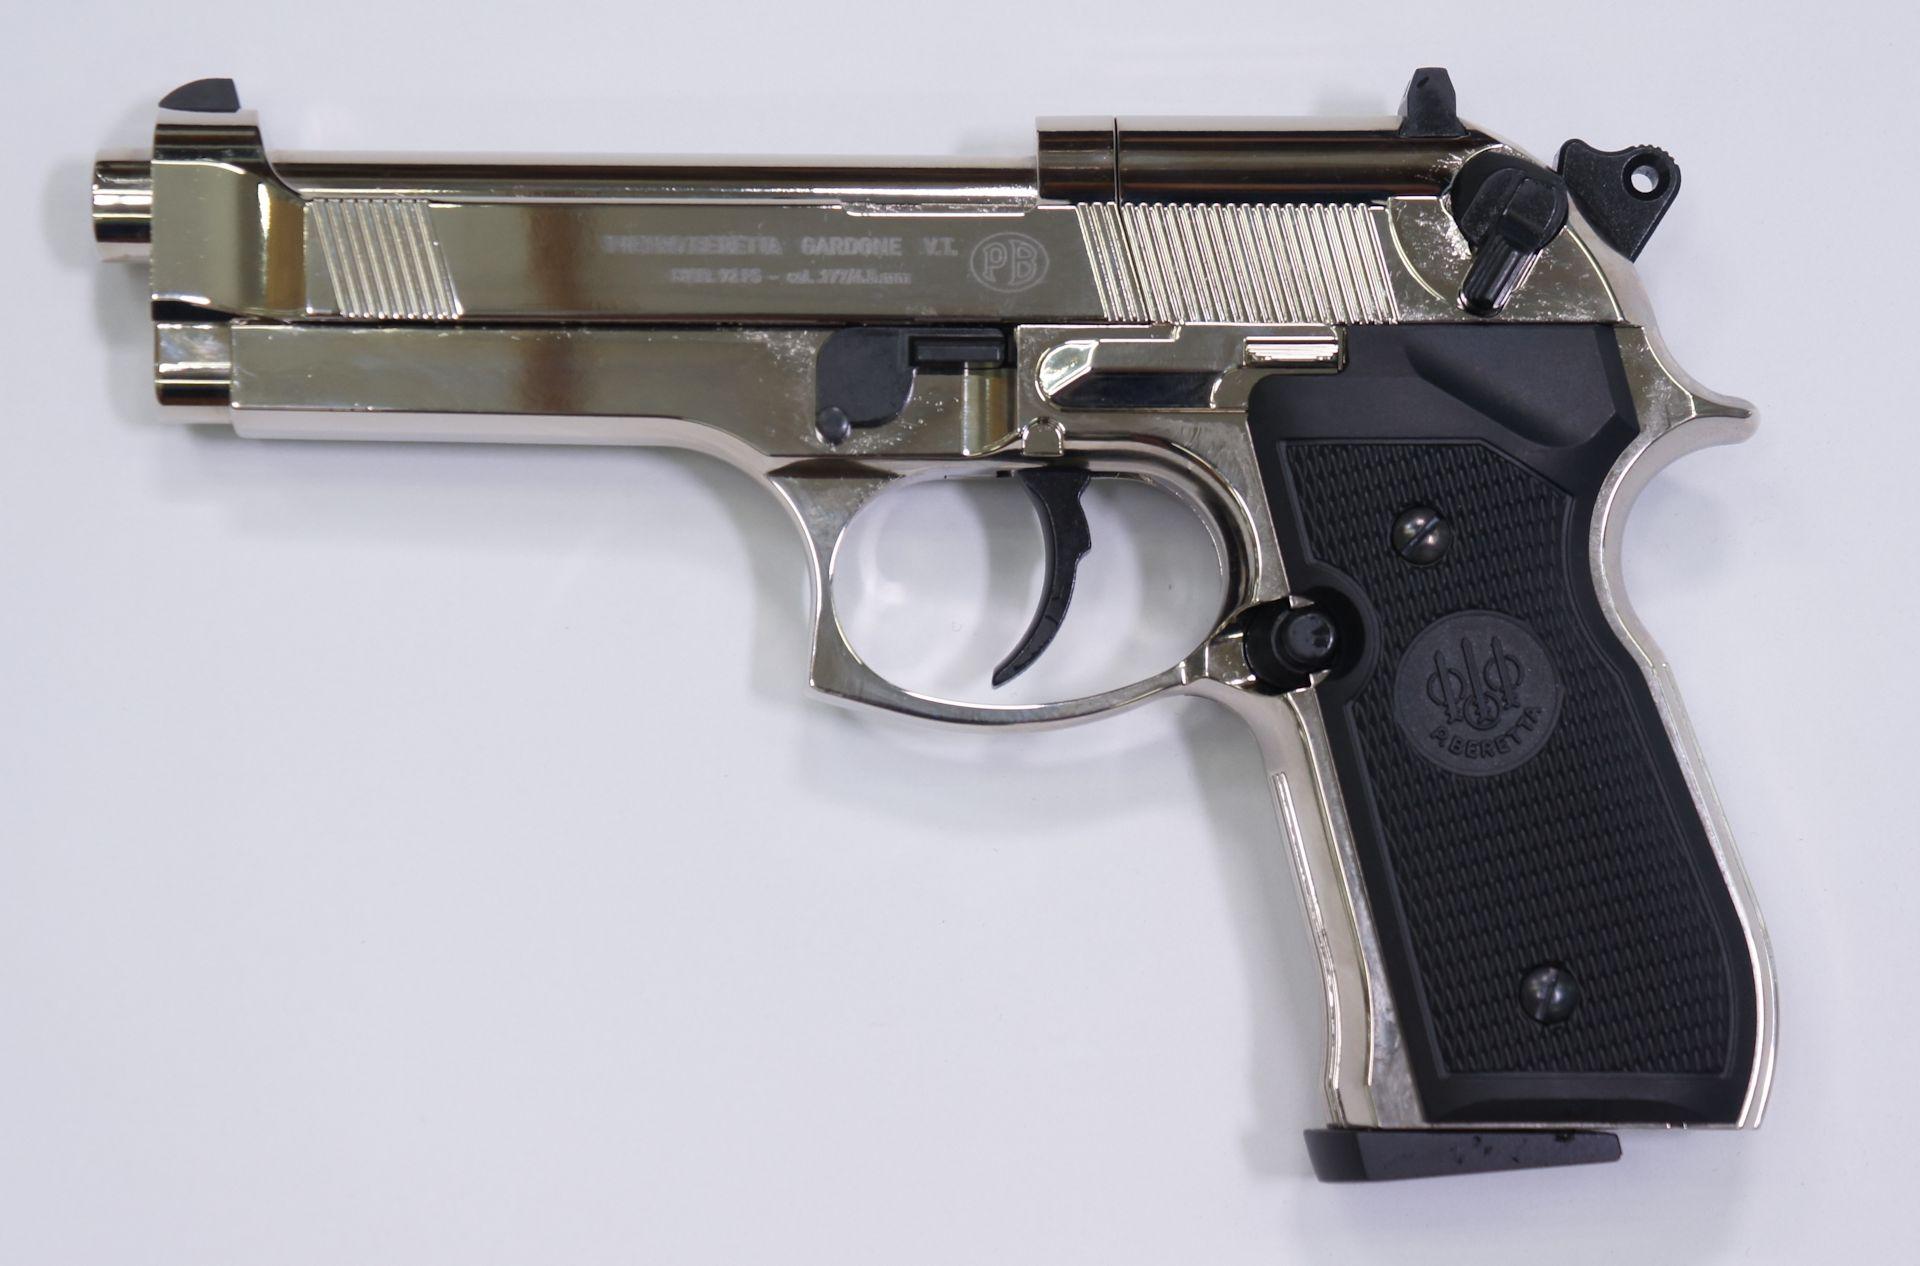 CO2- Pistole Beretta 92FS in verchromter und polierter Ausführung